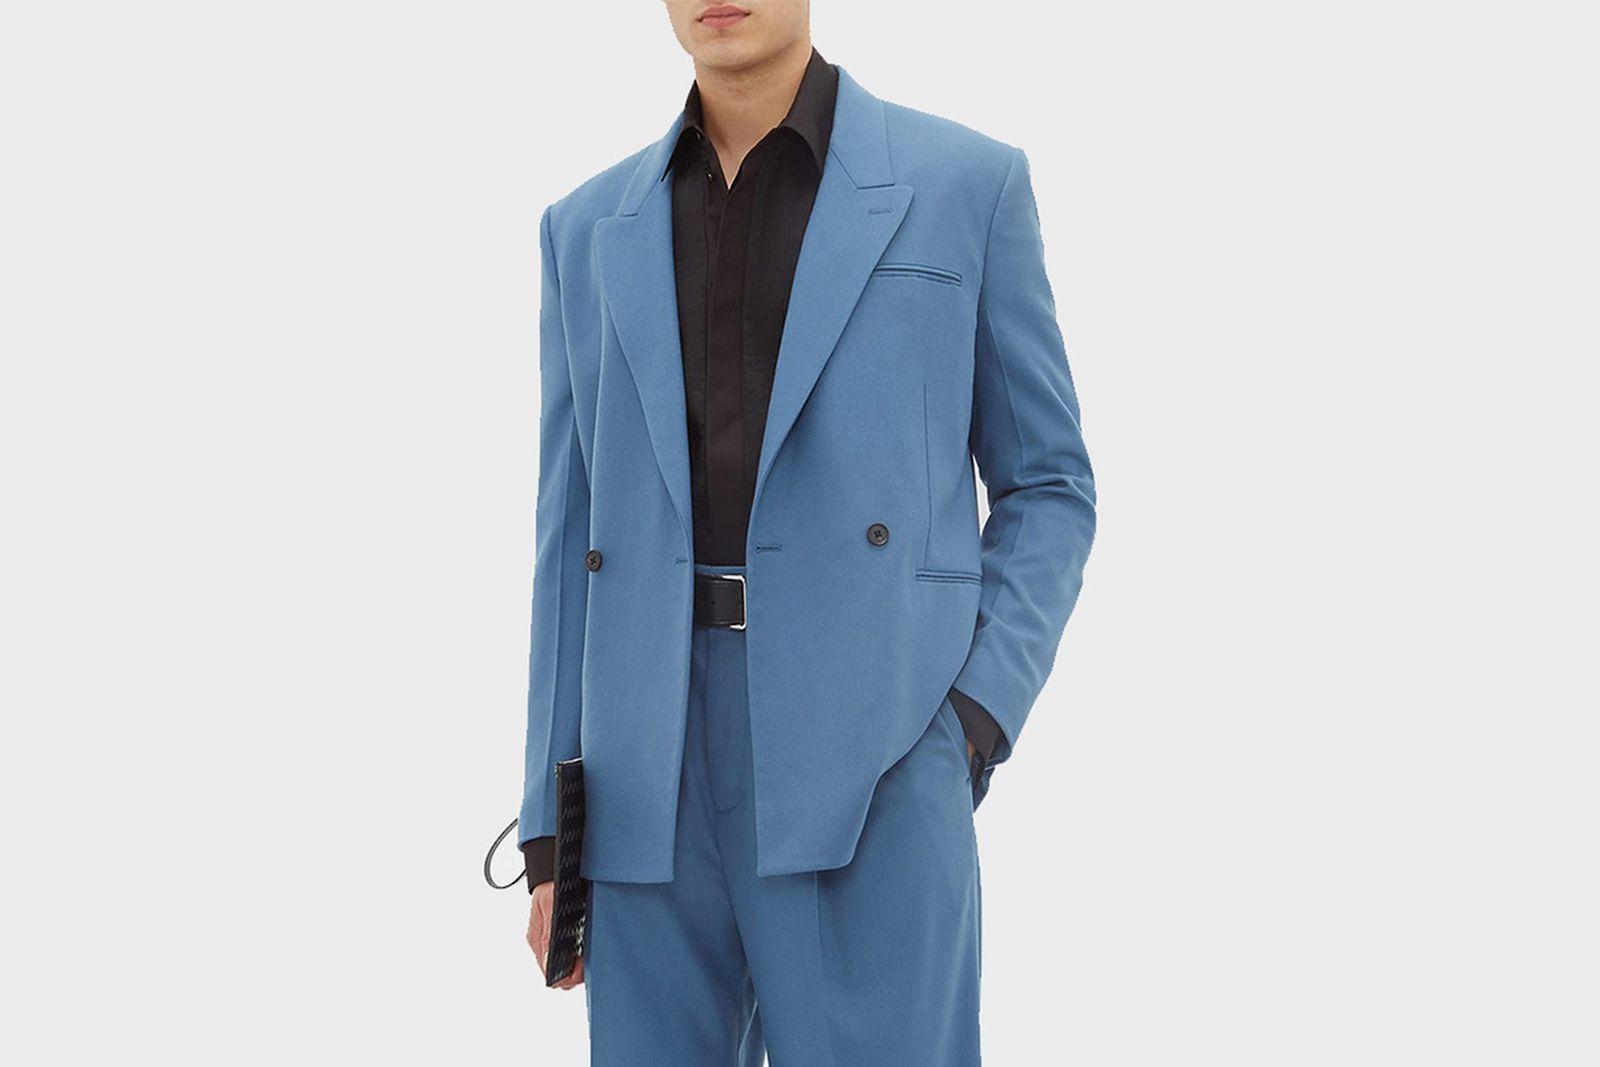 oscars-outfit-main1